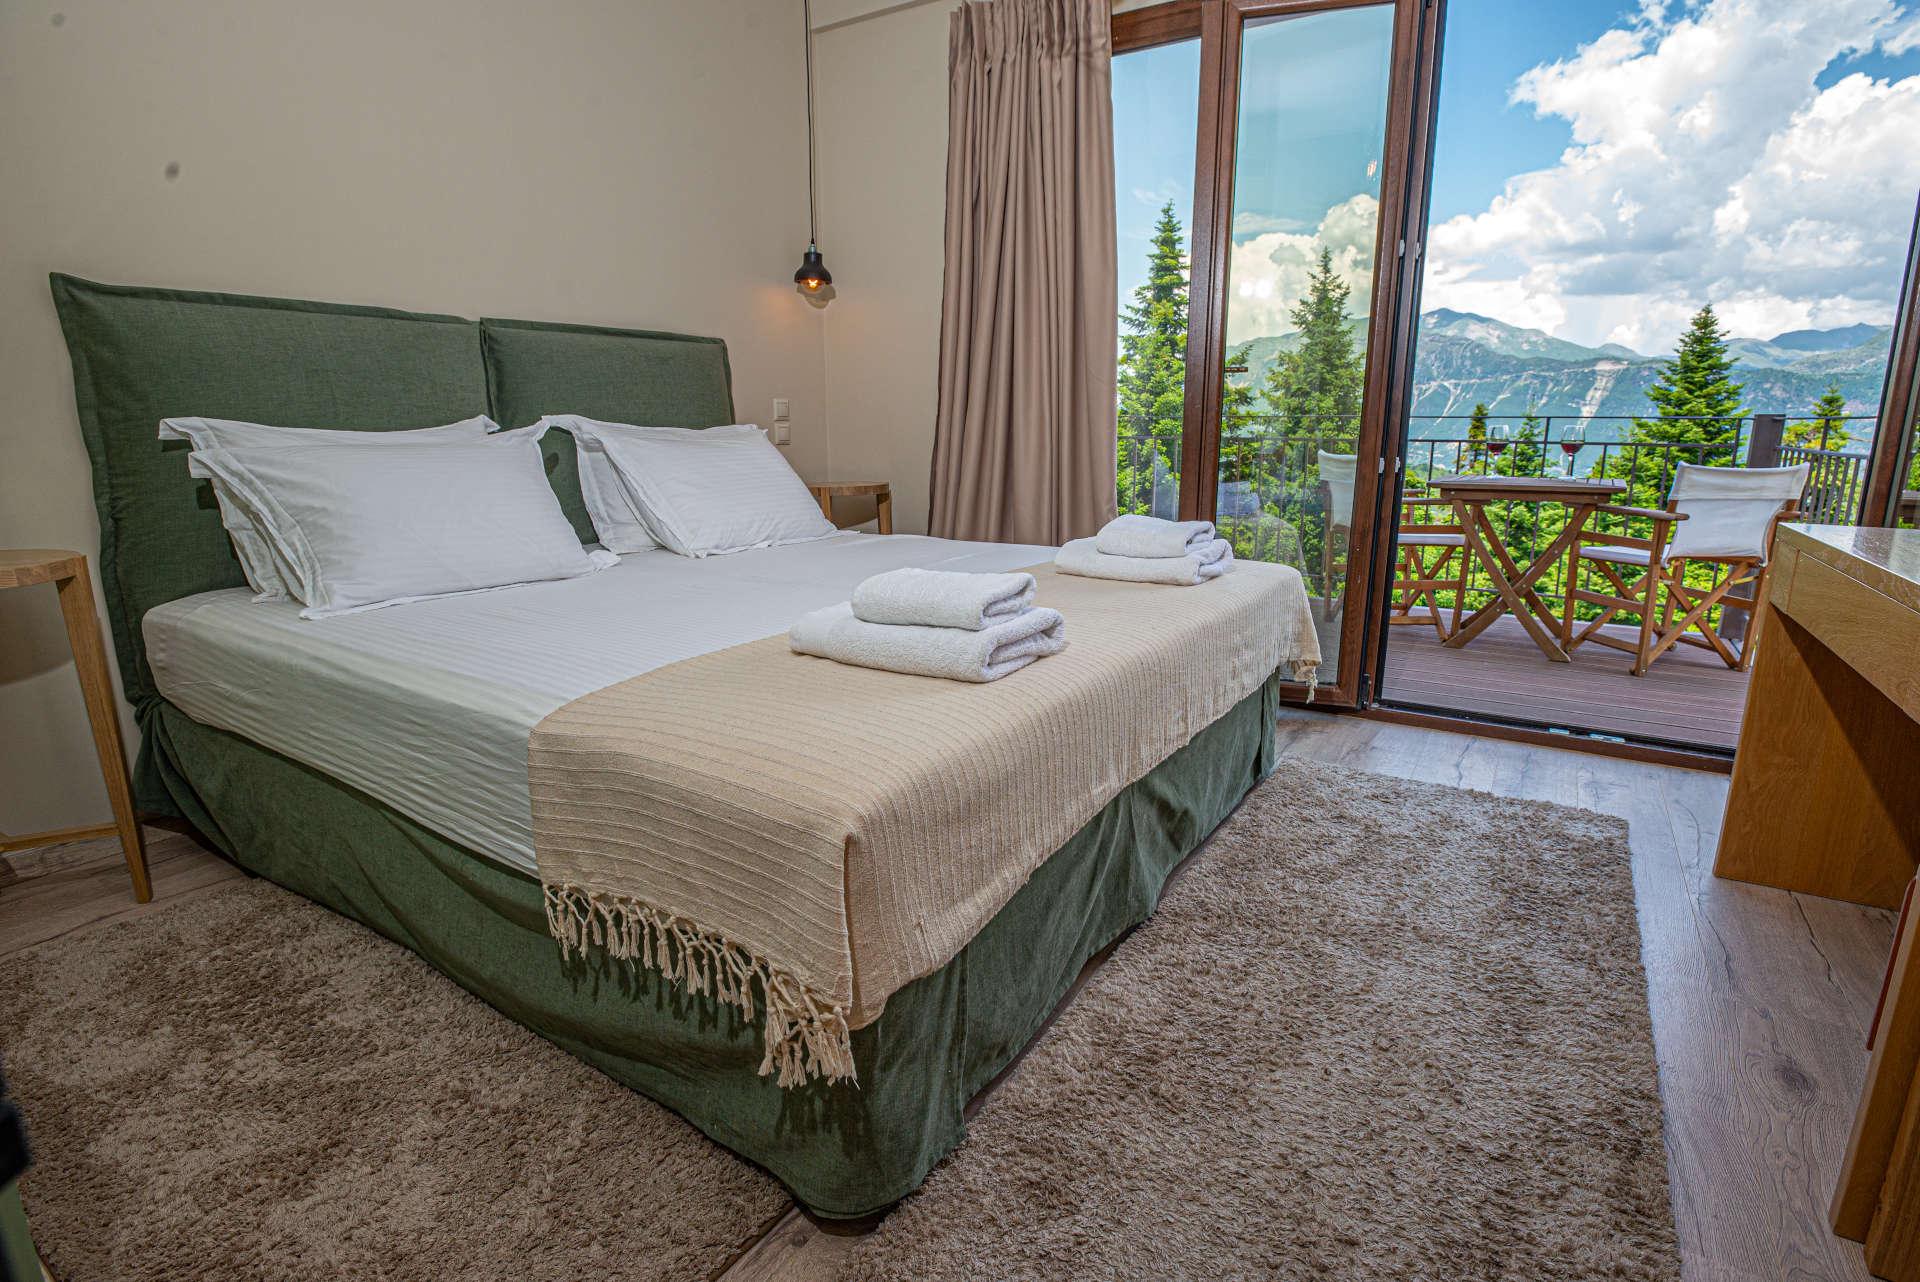 δωμάτιο με θέα τα Τζουμέρκα